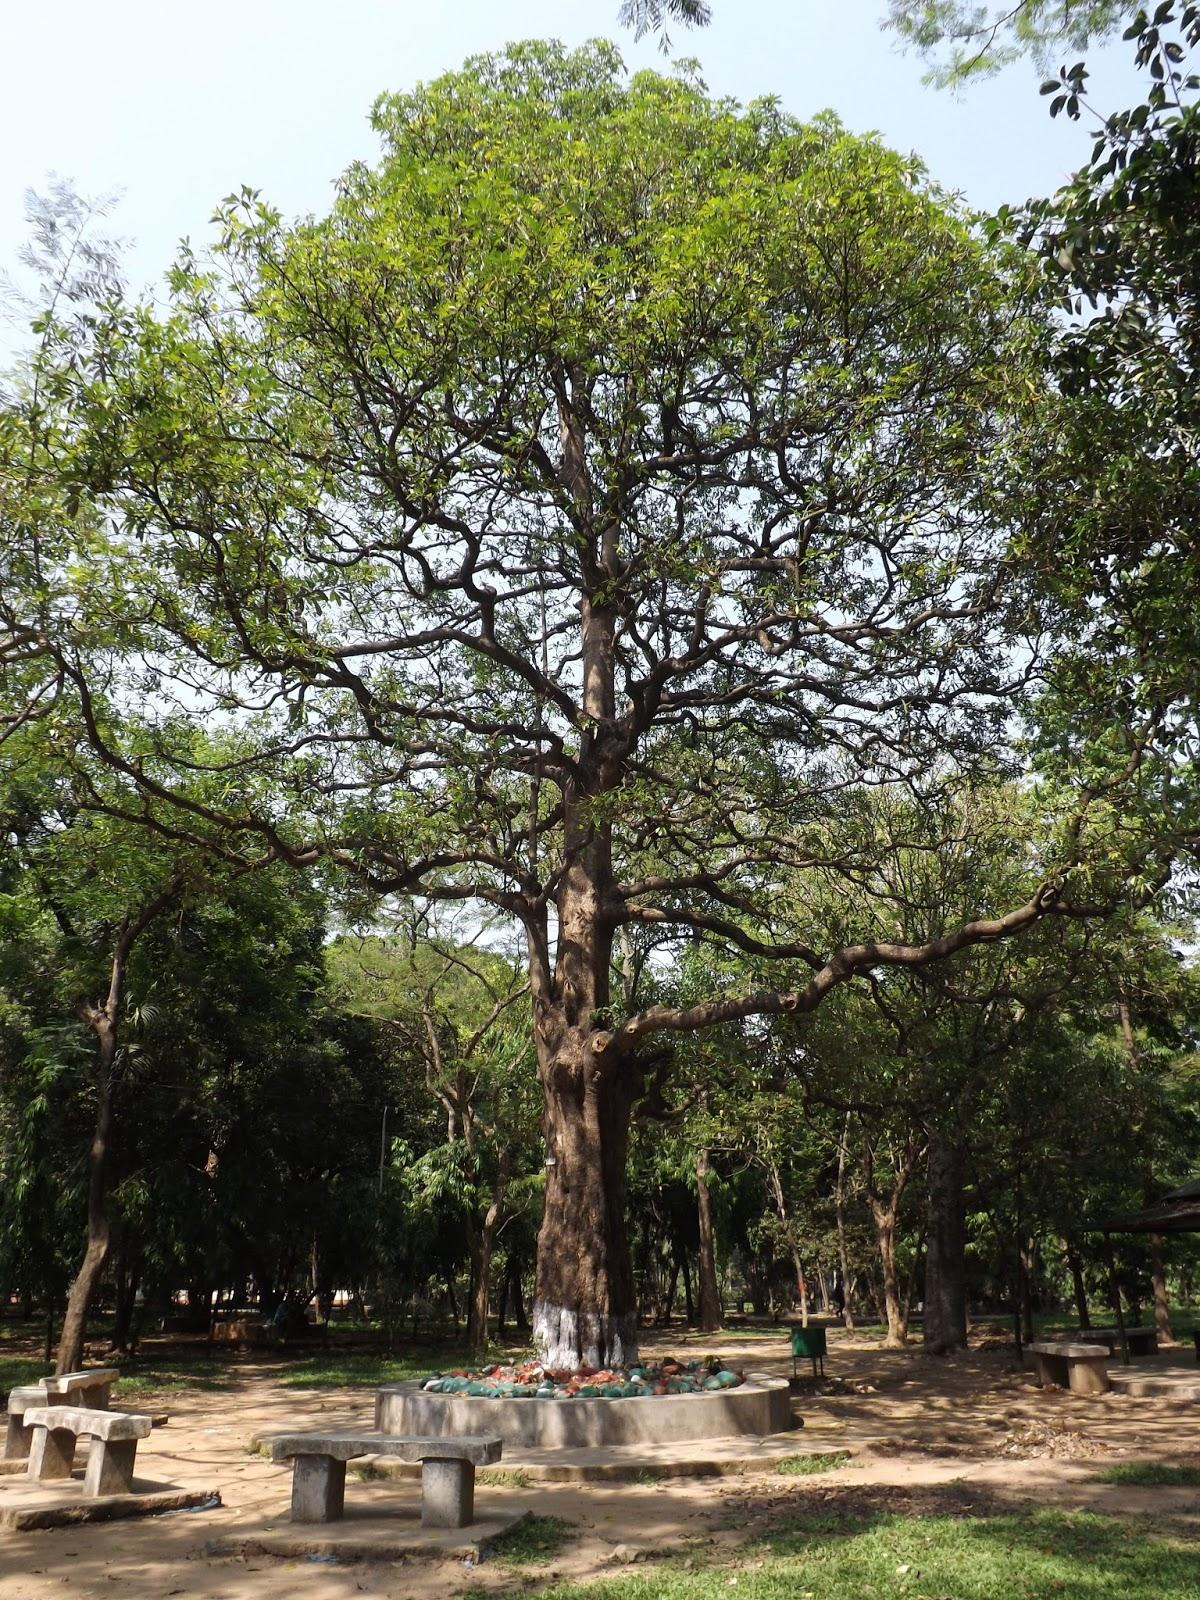 Jenis pohon Alstonia Scholaris yang dianggap sebagai pohon iblis.